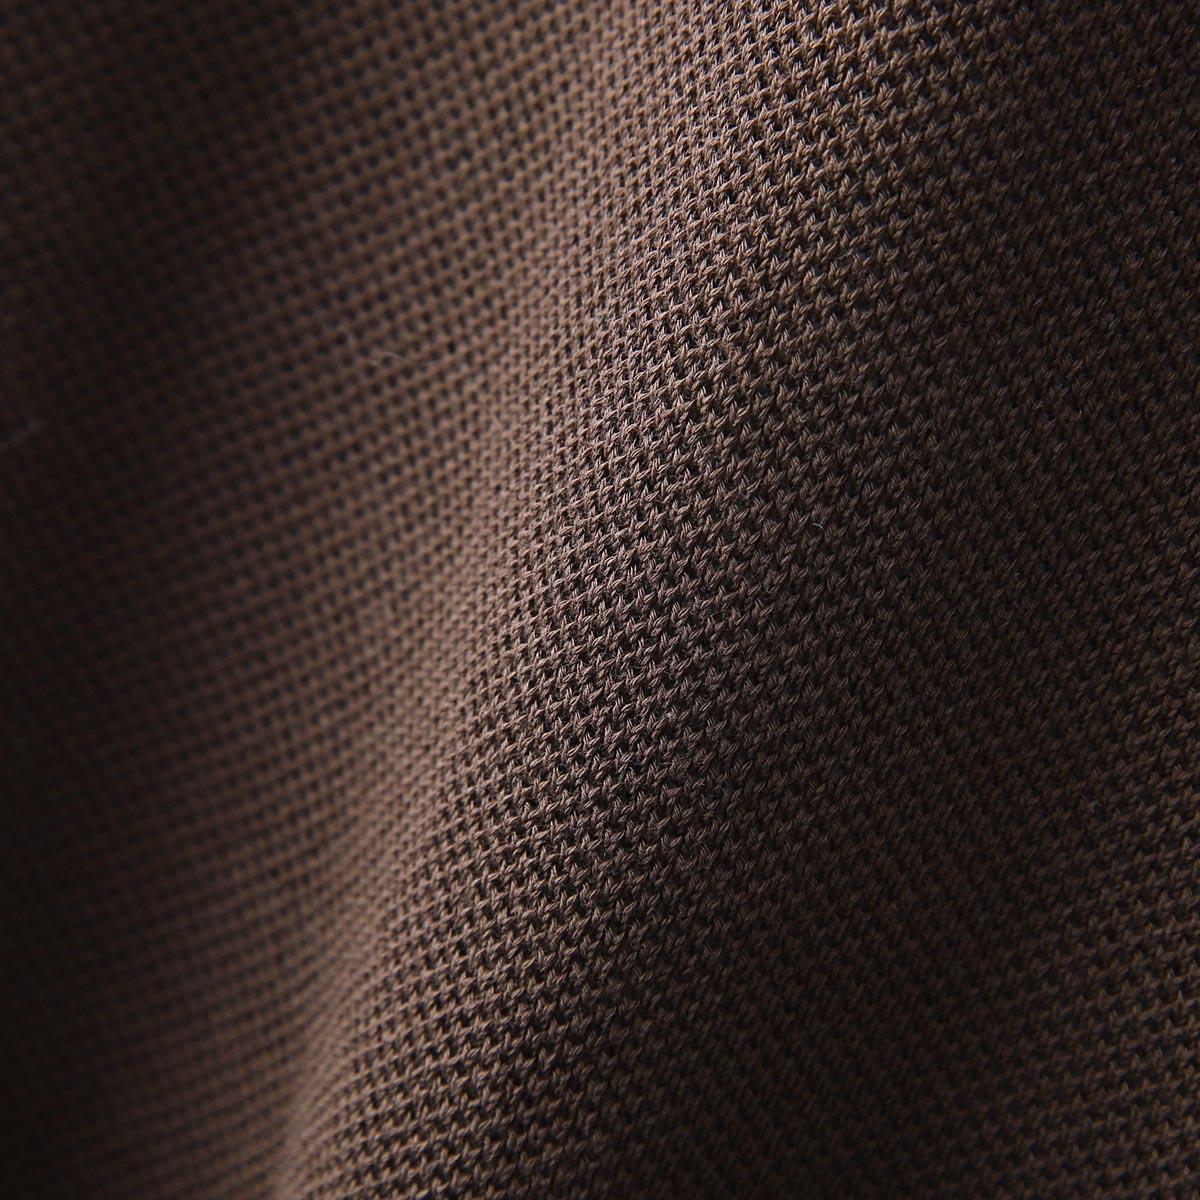 Gran Sasso グランサッソ ニット ポロシャツ/POLO M/M【大きいサイズあり】 メンズ